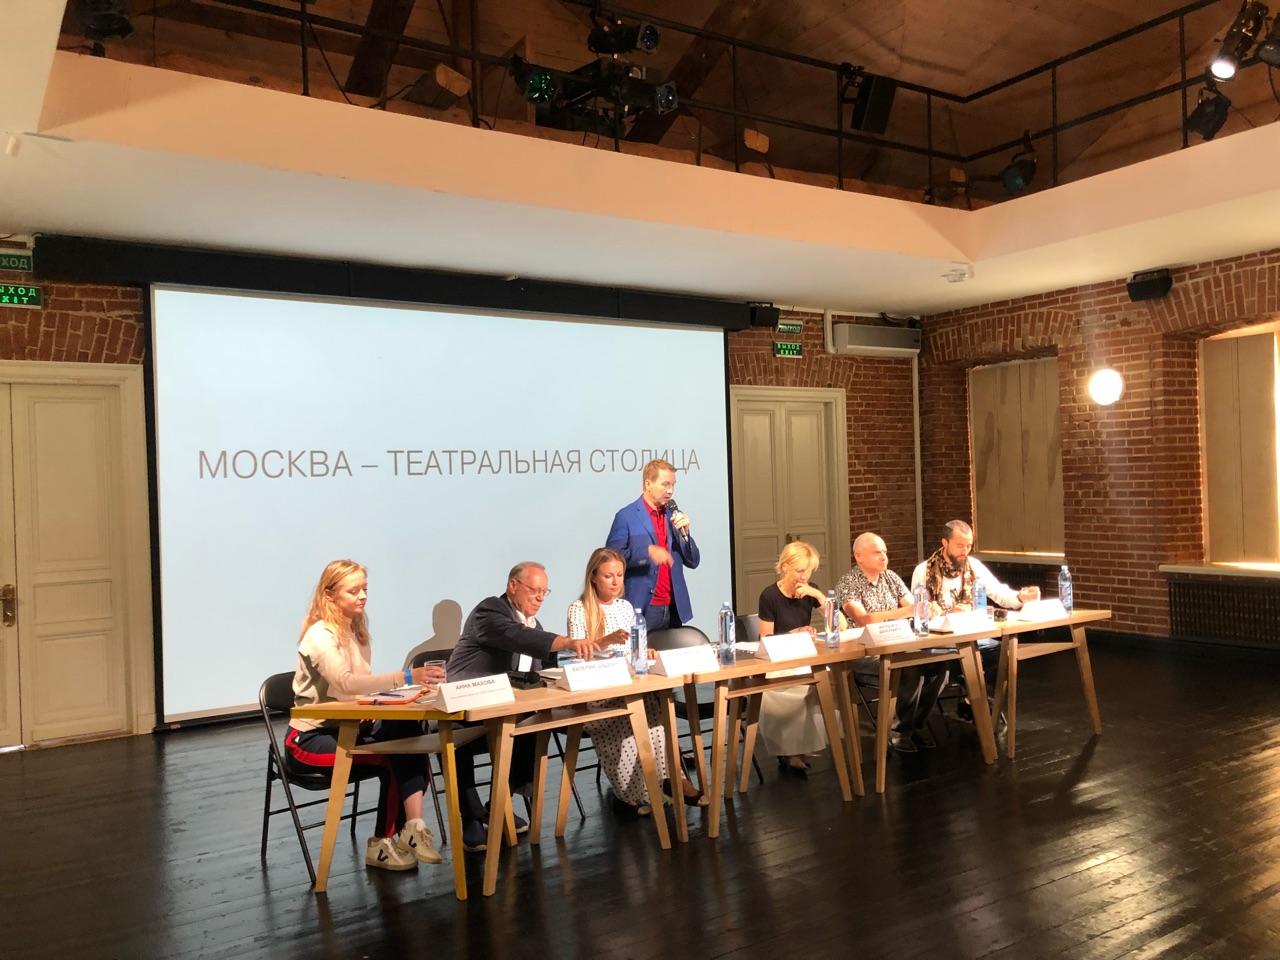 Итоги проекта «Москва – театральная столица» подвели в столице